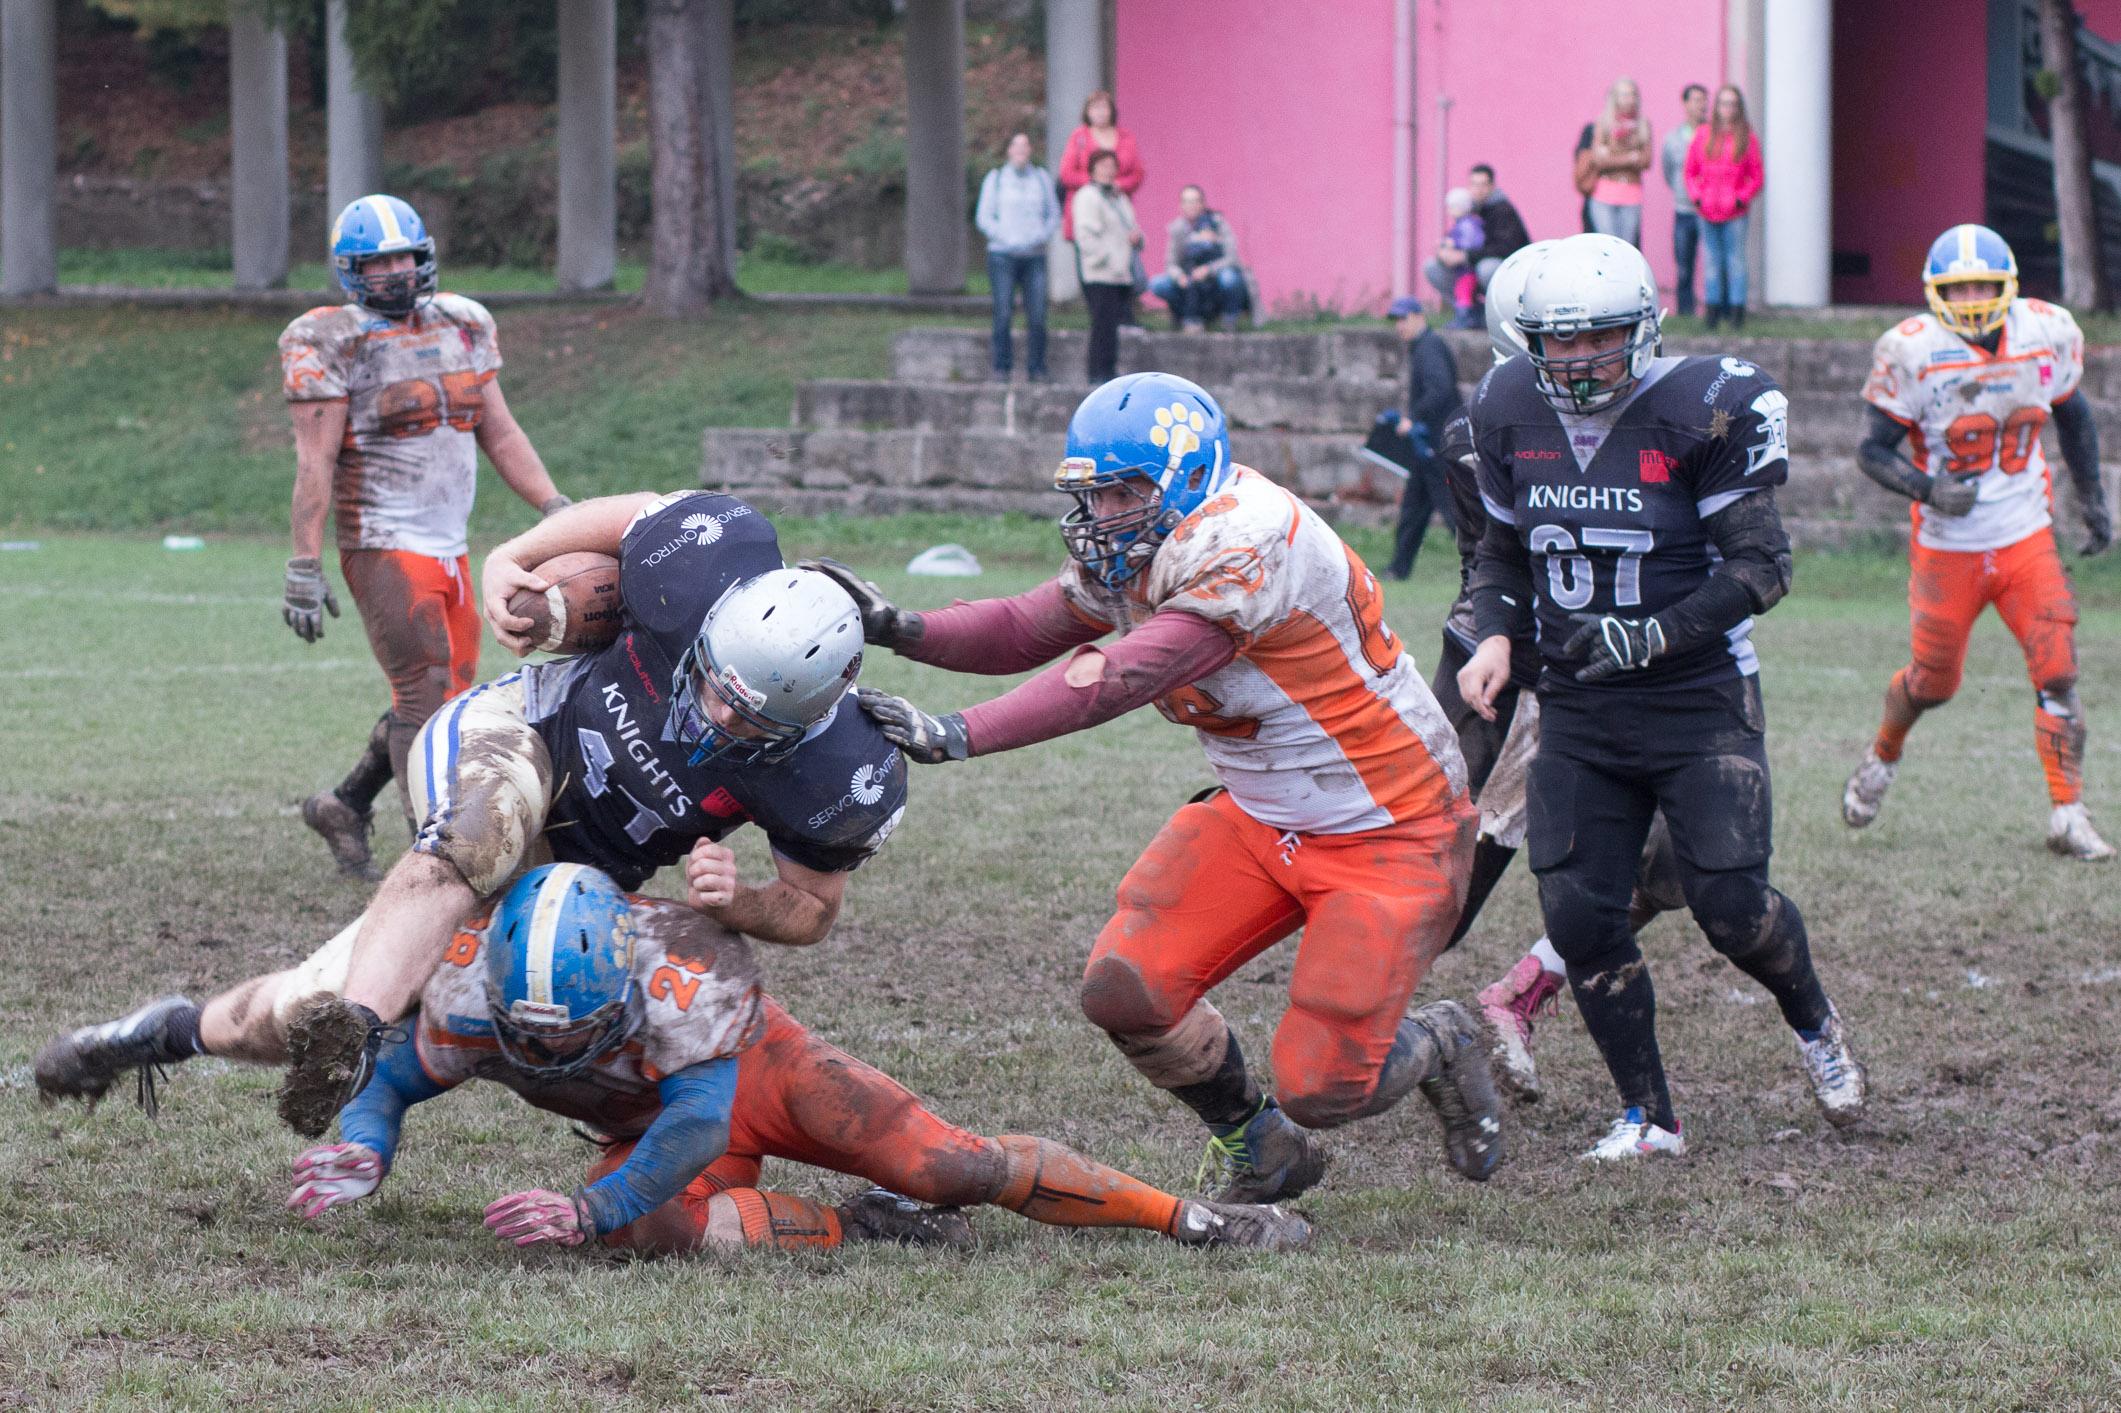 smolenice-eagles_nitra-knights-14